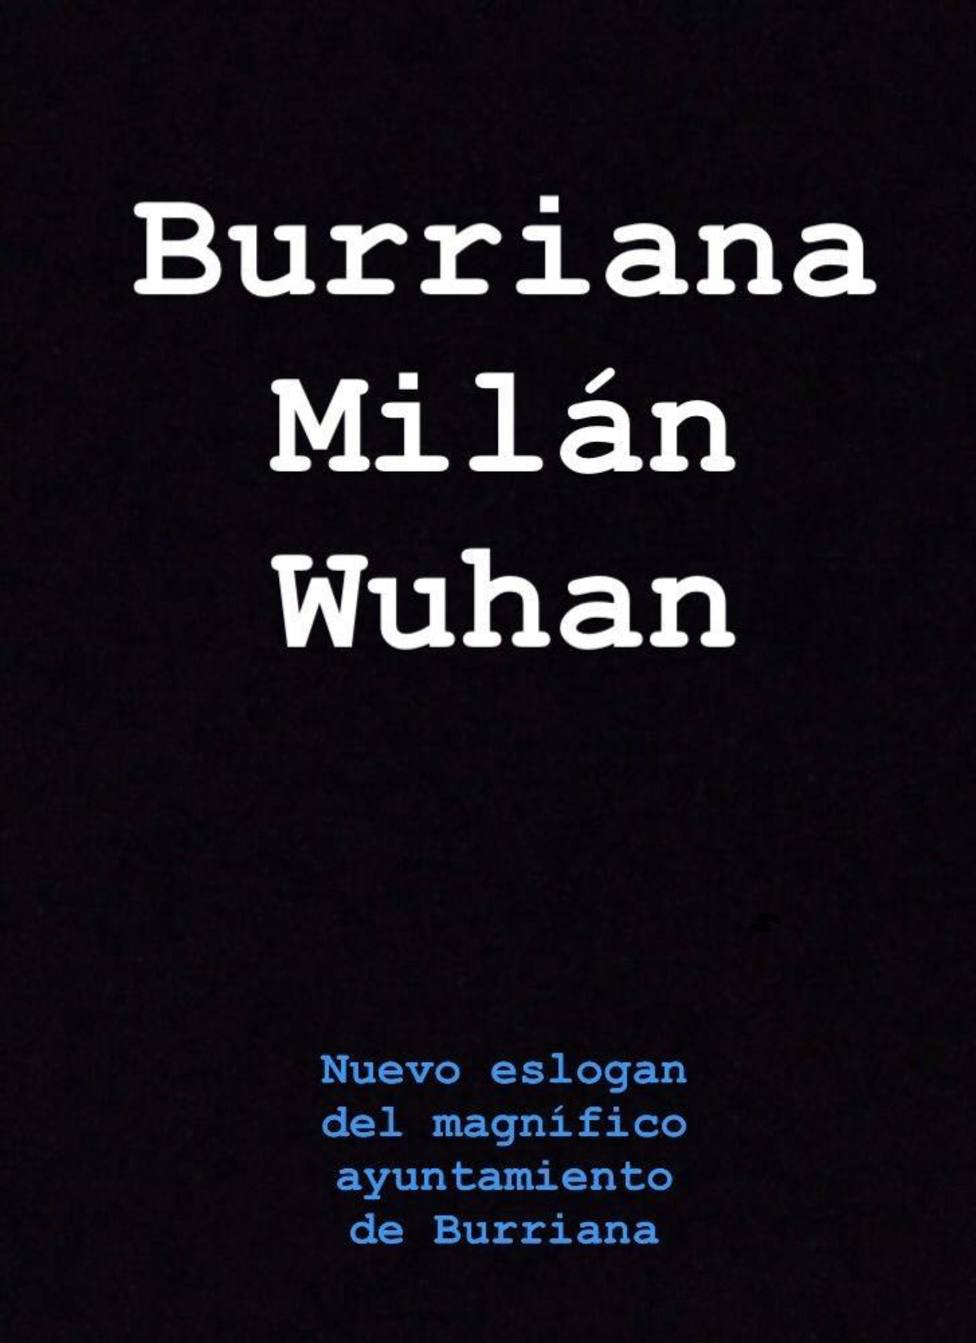 Burriana, Milán, Wuhan